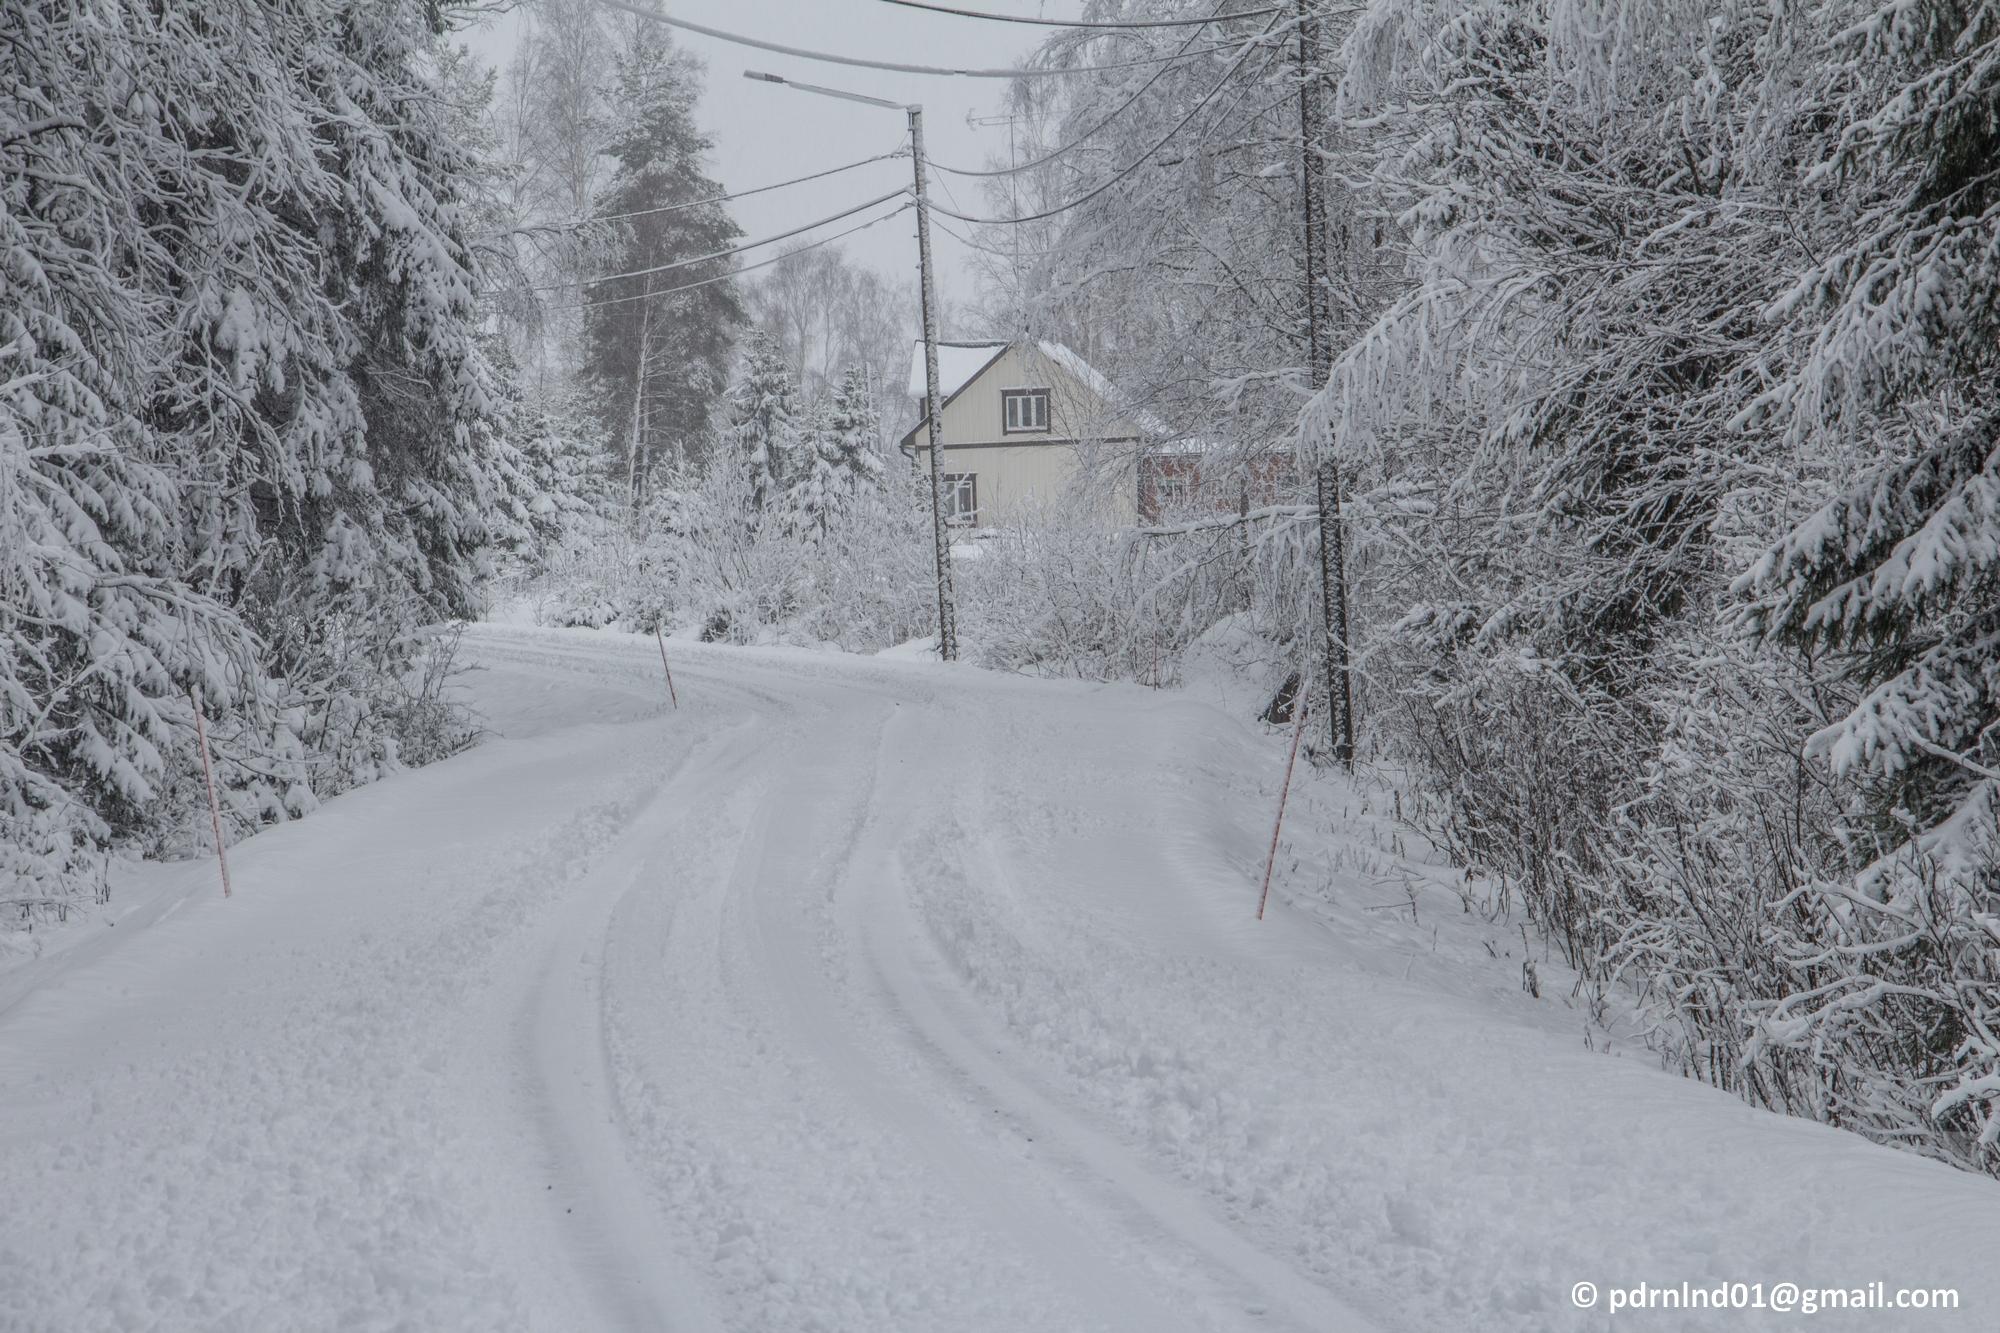 2016-02-12 Vinter och snö 022-1